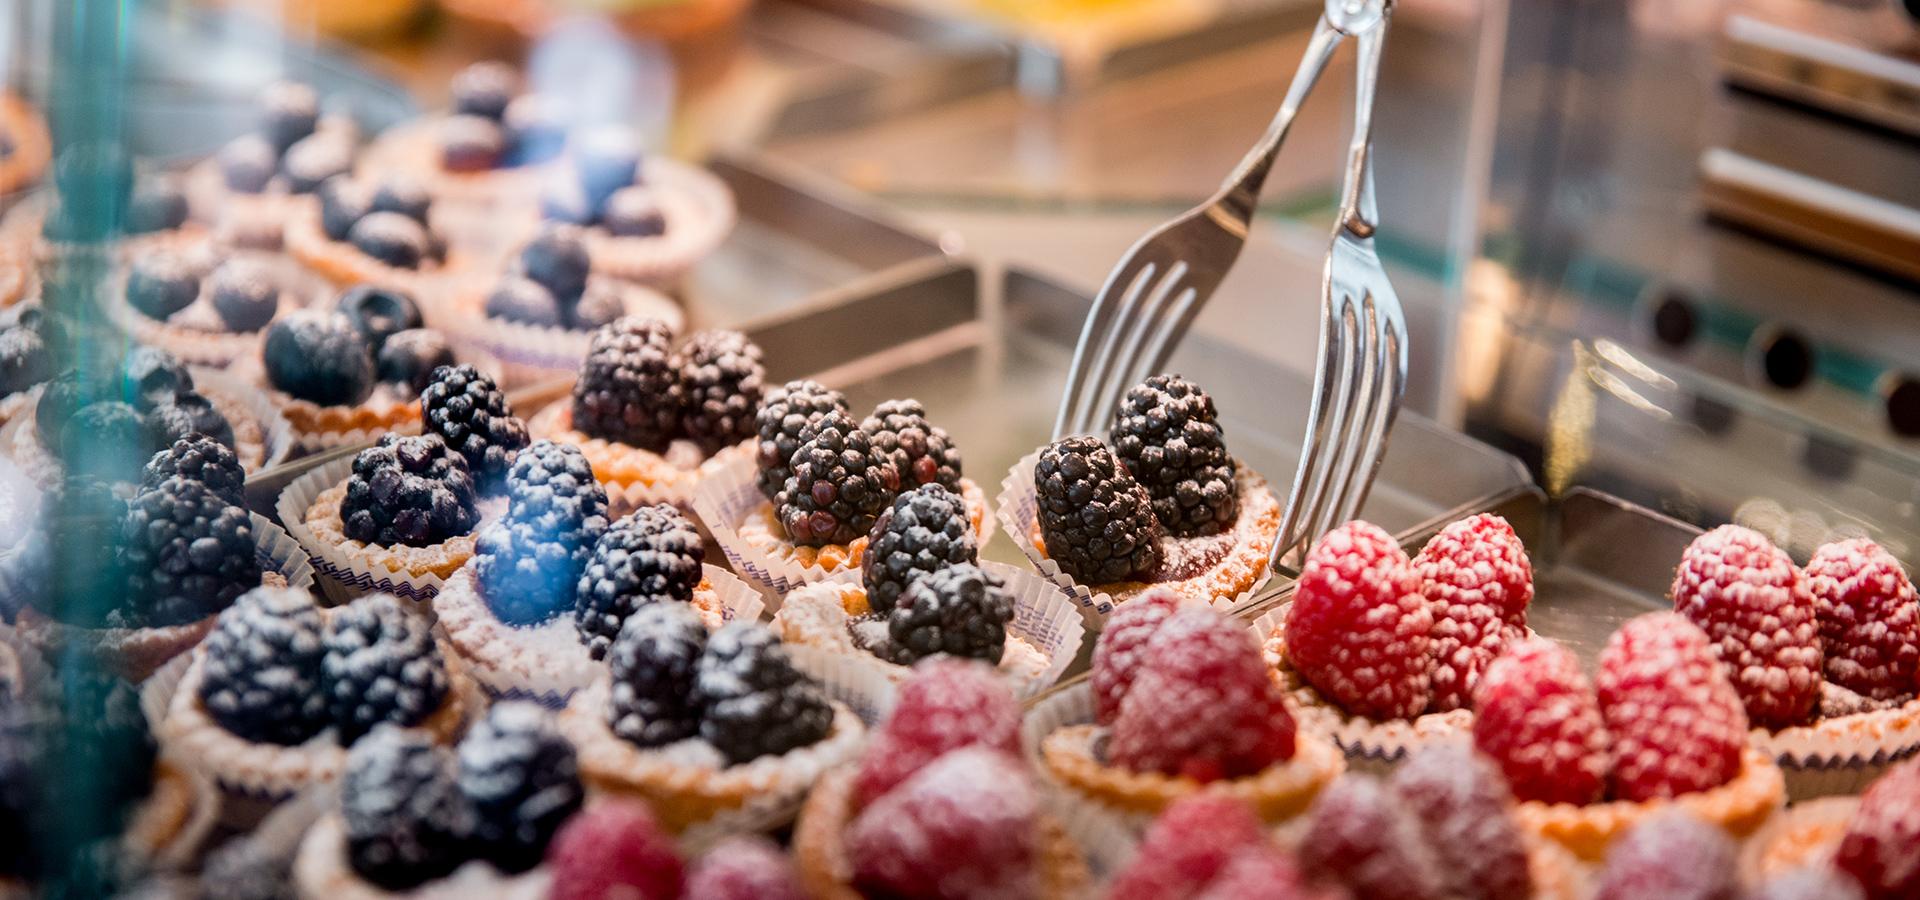 Pasticcini alla frutta - Pasticceria Acquario